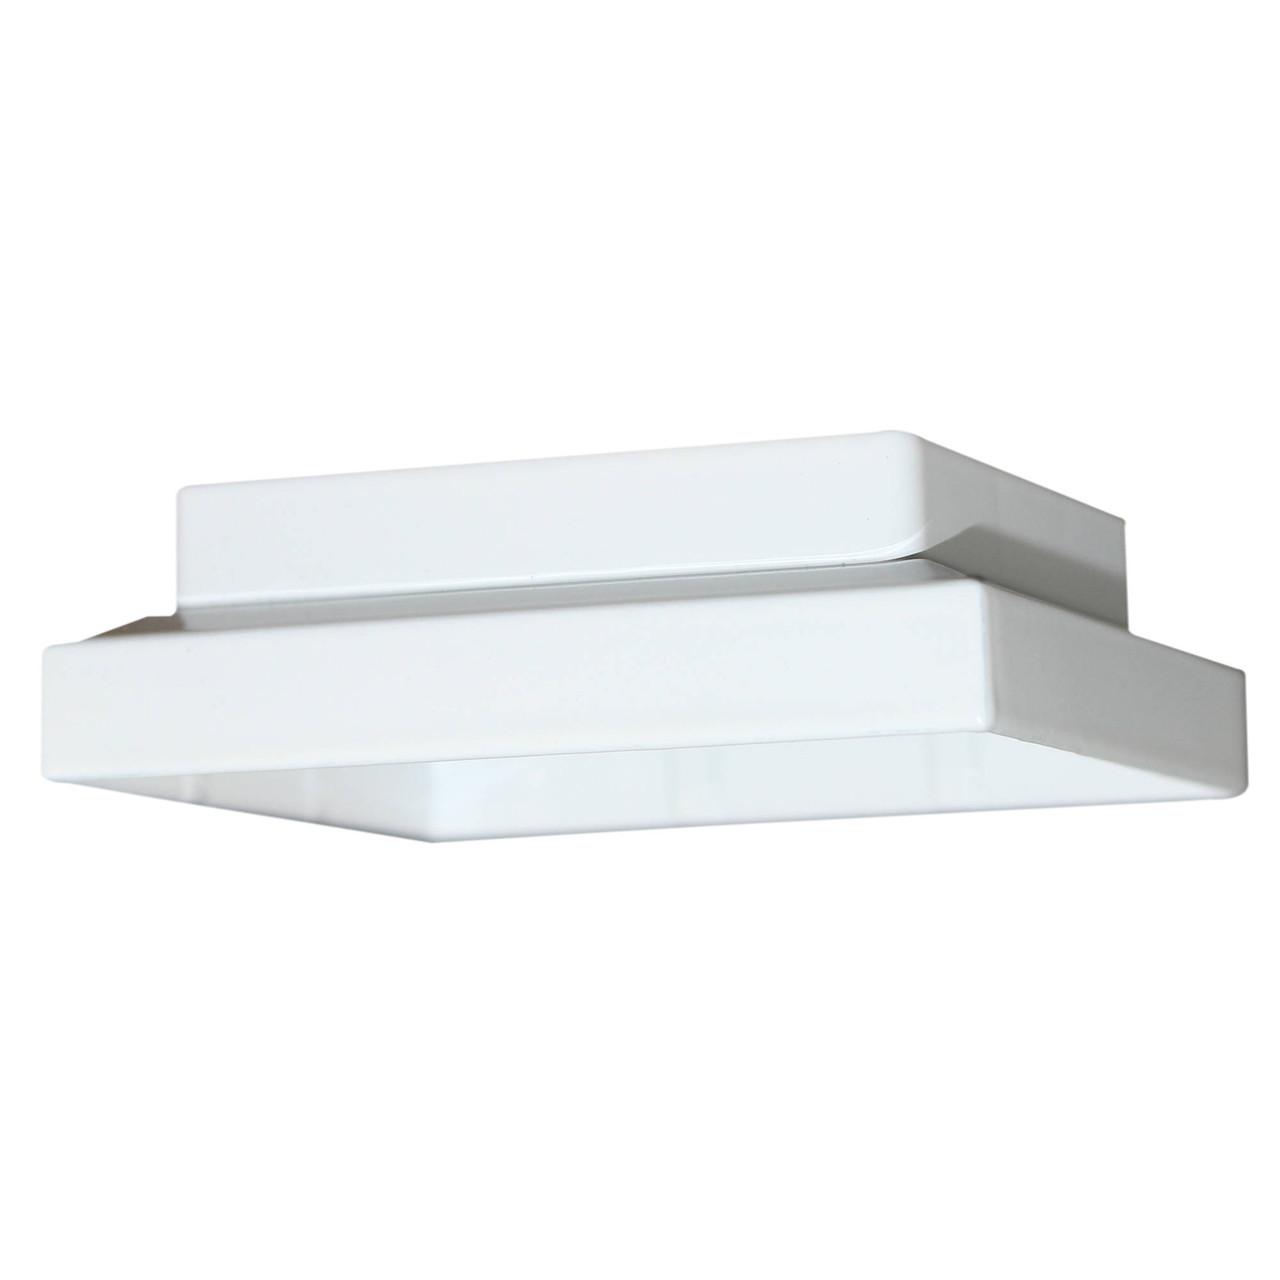 White 3x3 Post Adaptor for Classy Caps Imperial Solar Post Cap